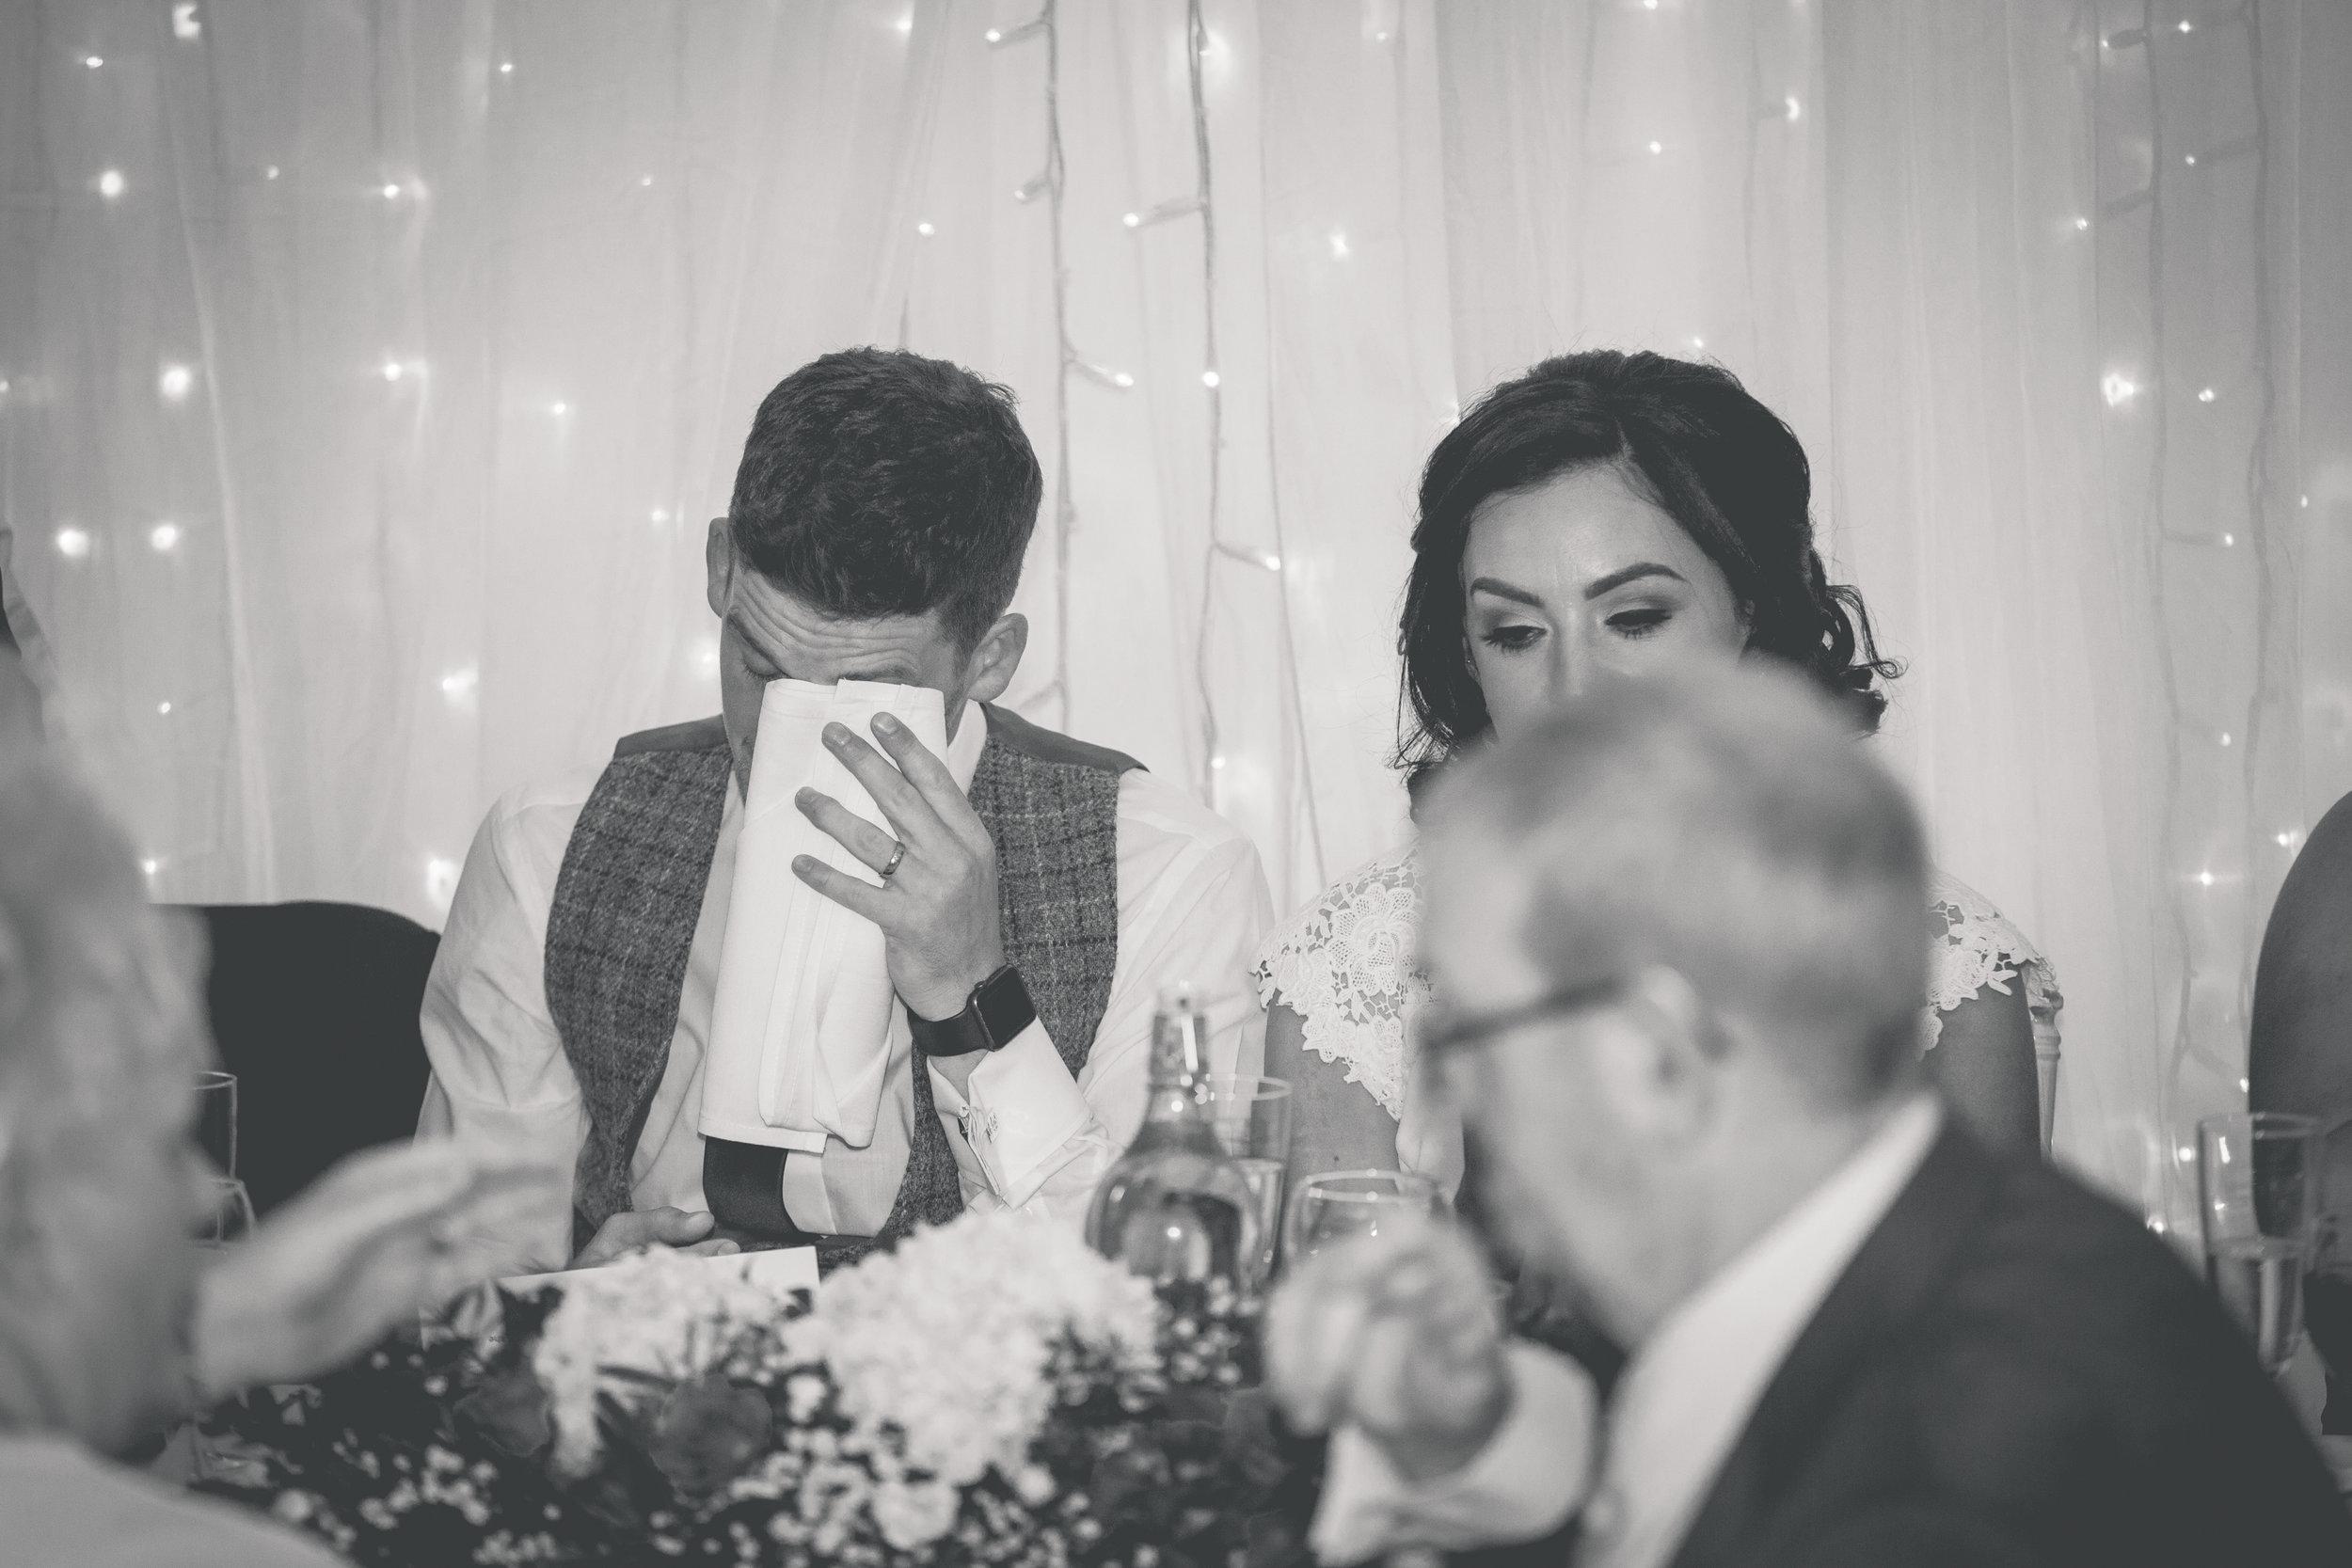 Brian McEwan Wedding Photography | Carol-Anne & Sean | The Speeches-67.jpg